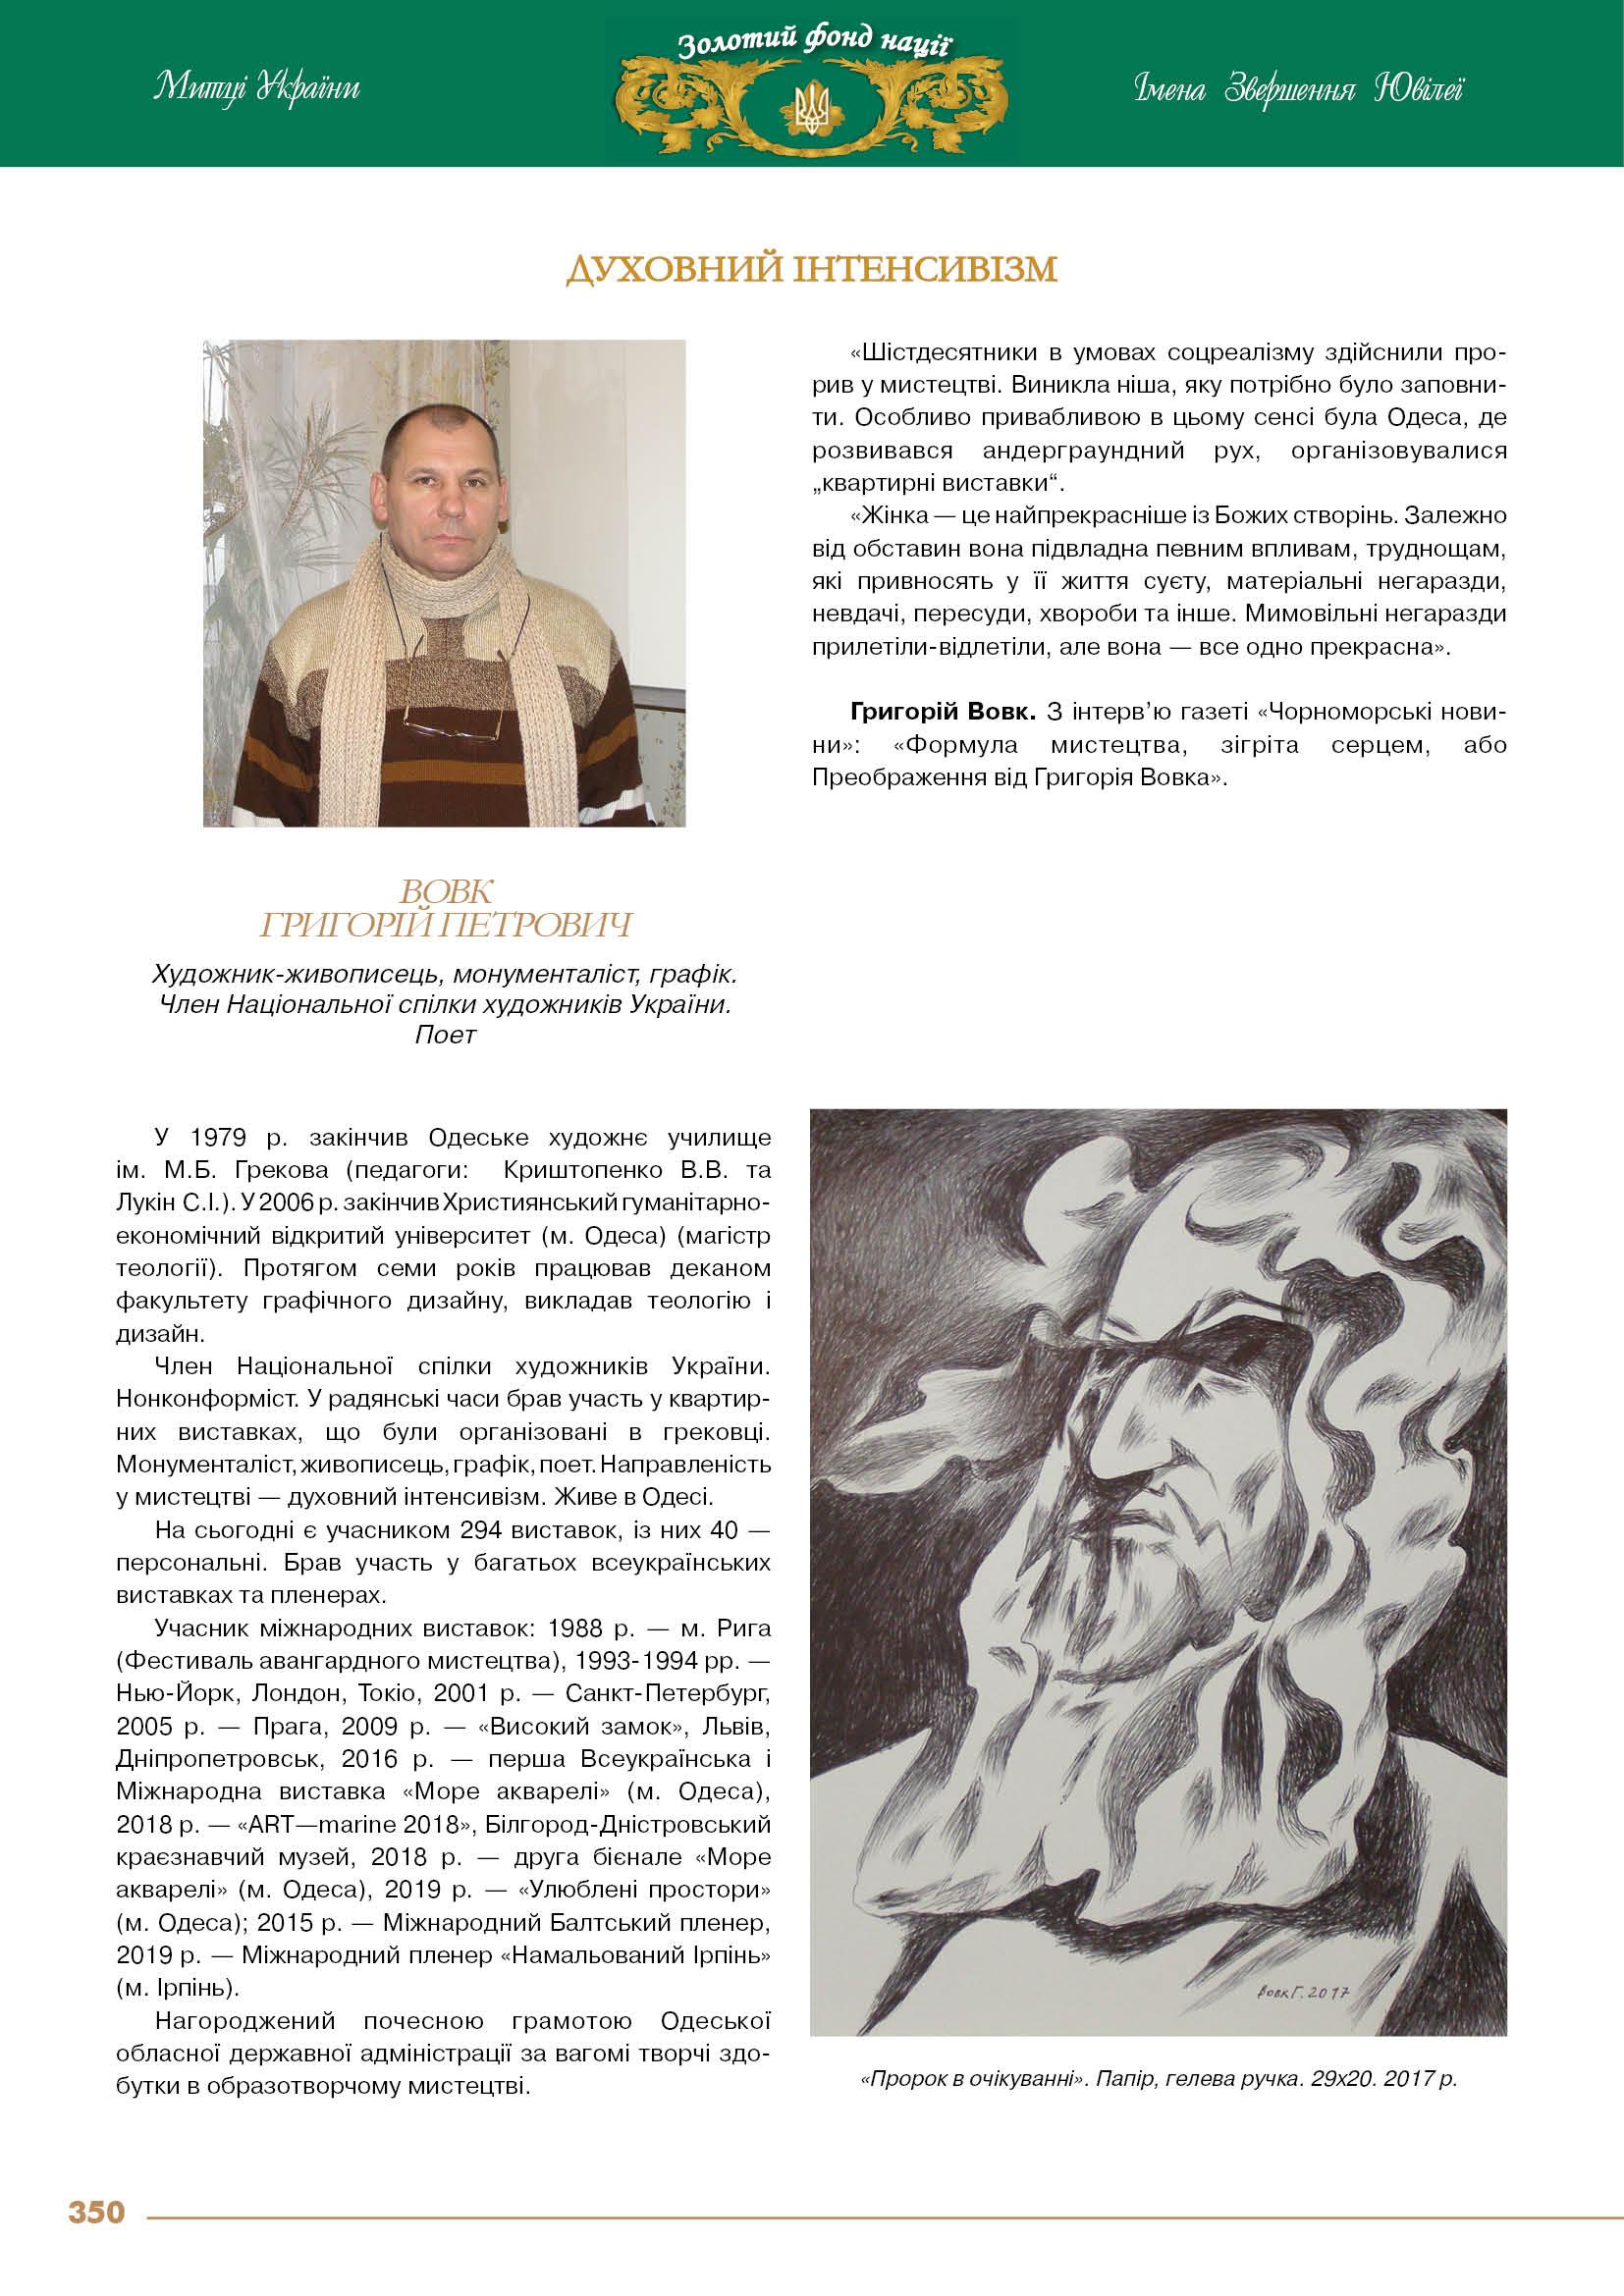 Вовк Григорій Петрович